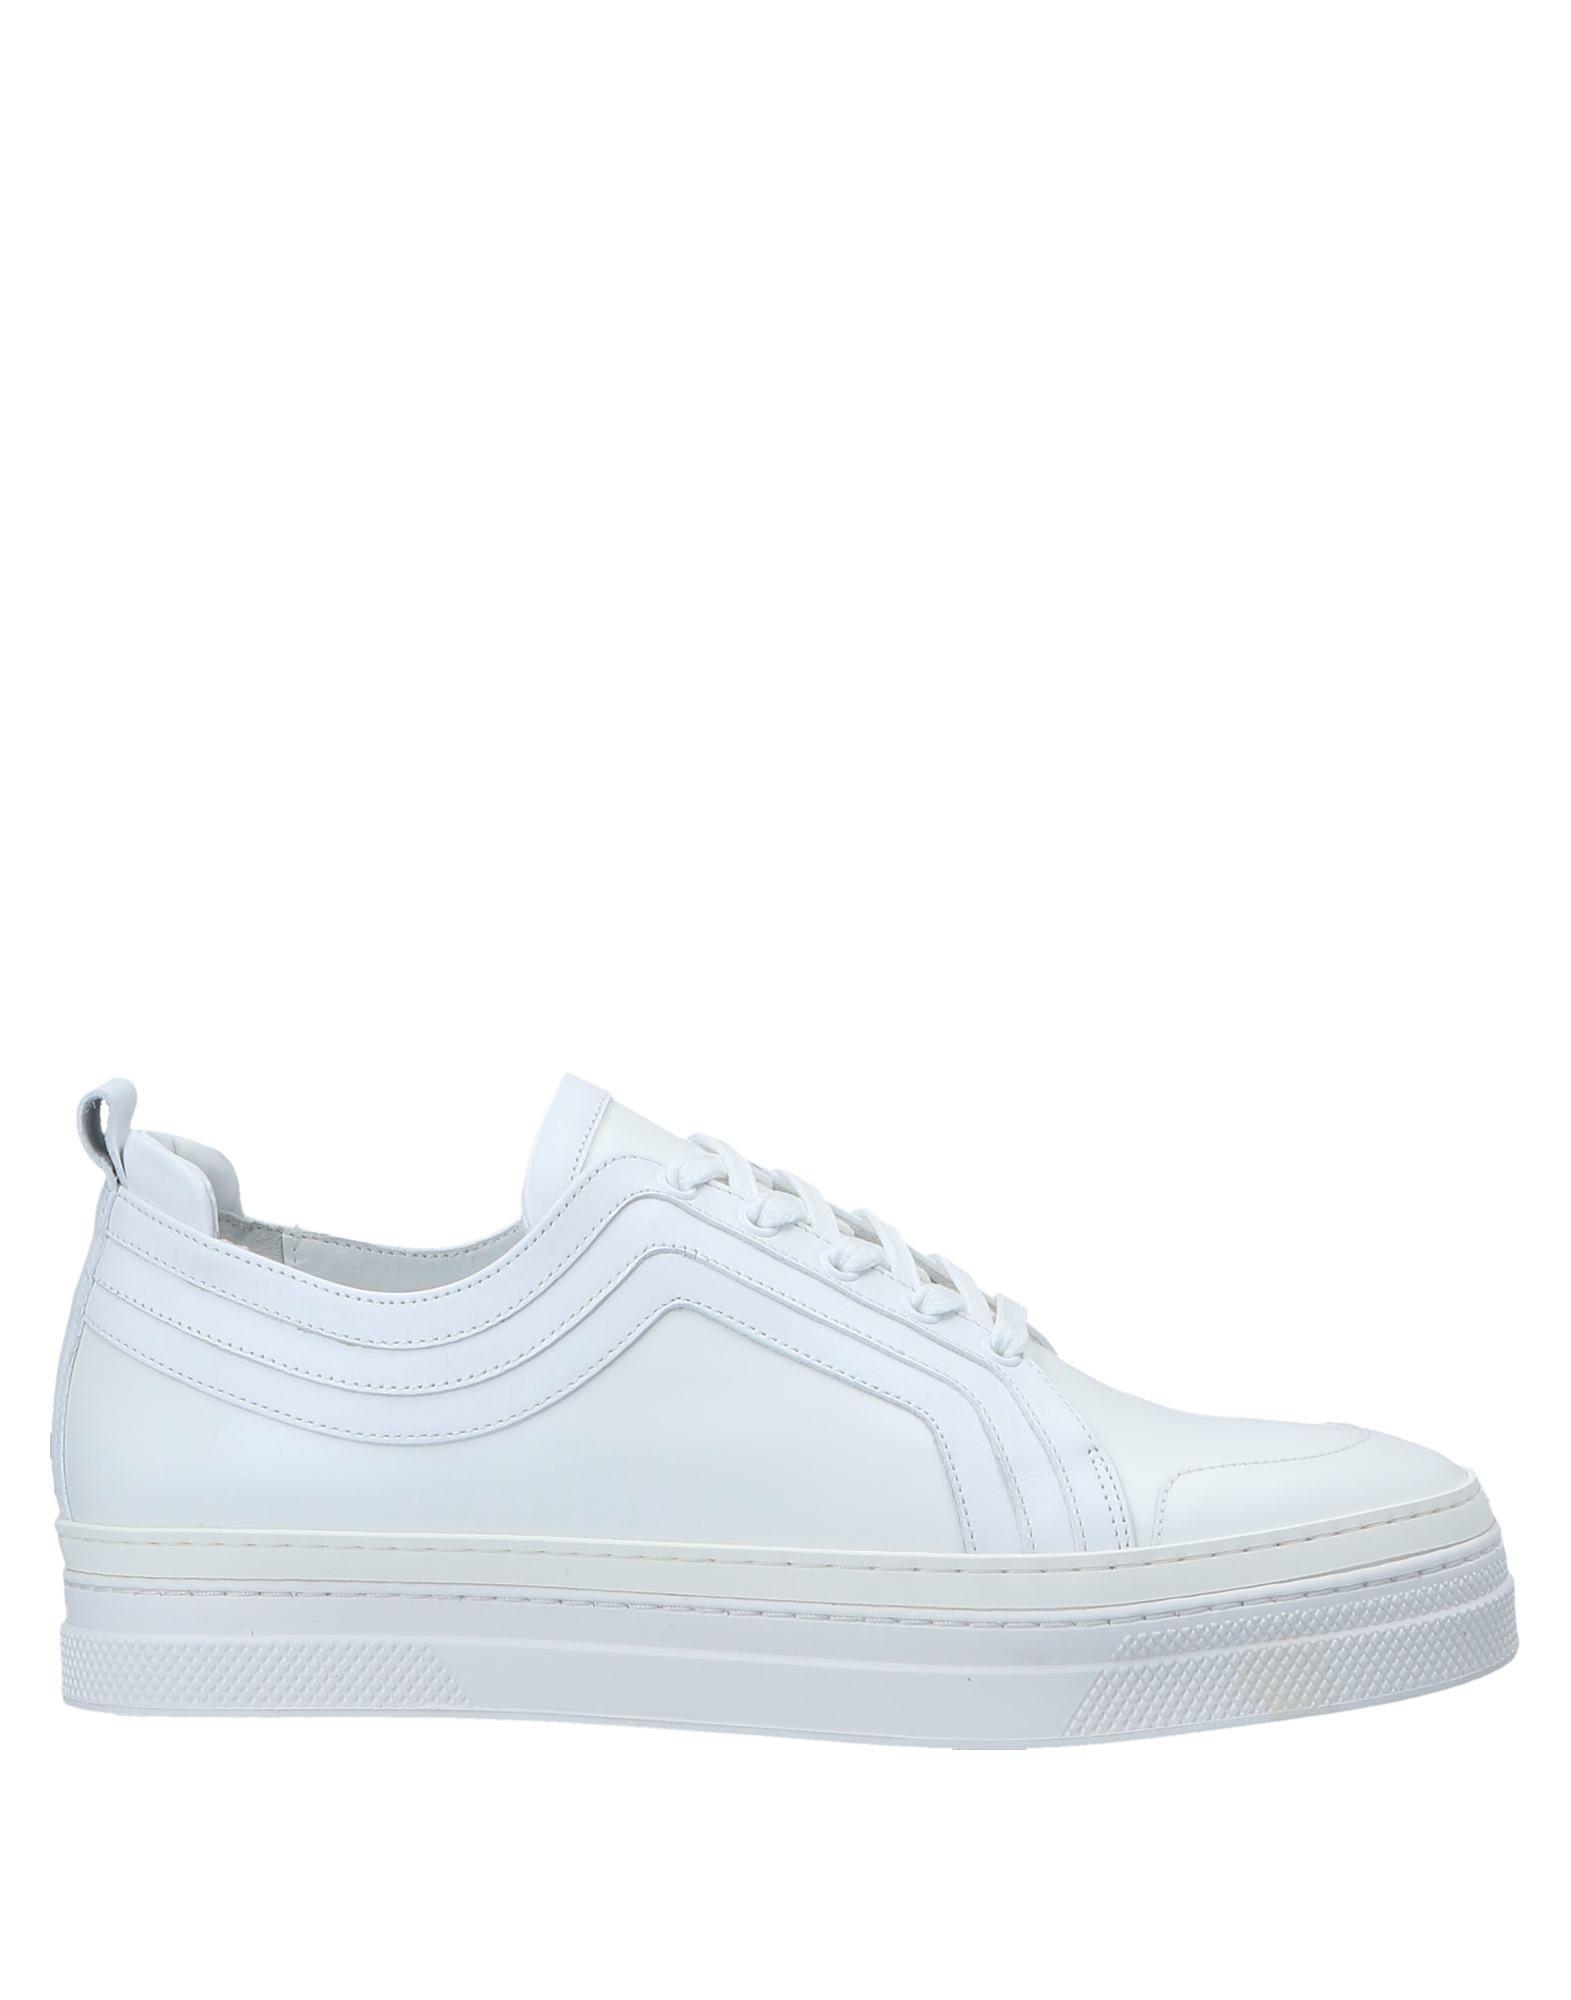 Pierre Hardy Sneakers Herren  11561305KV Gute Qualität beliebte Schuhe